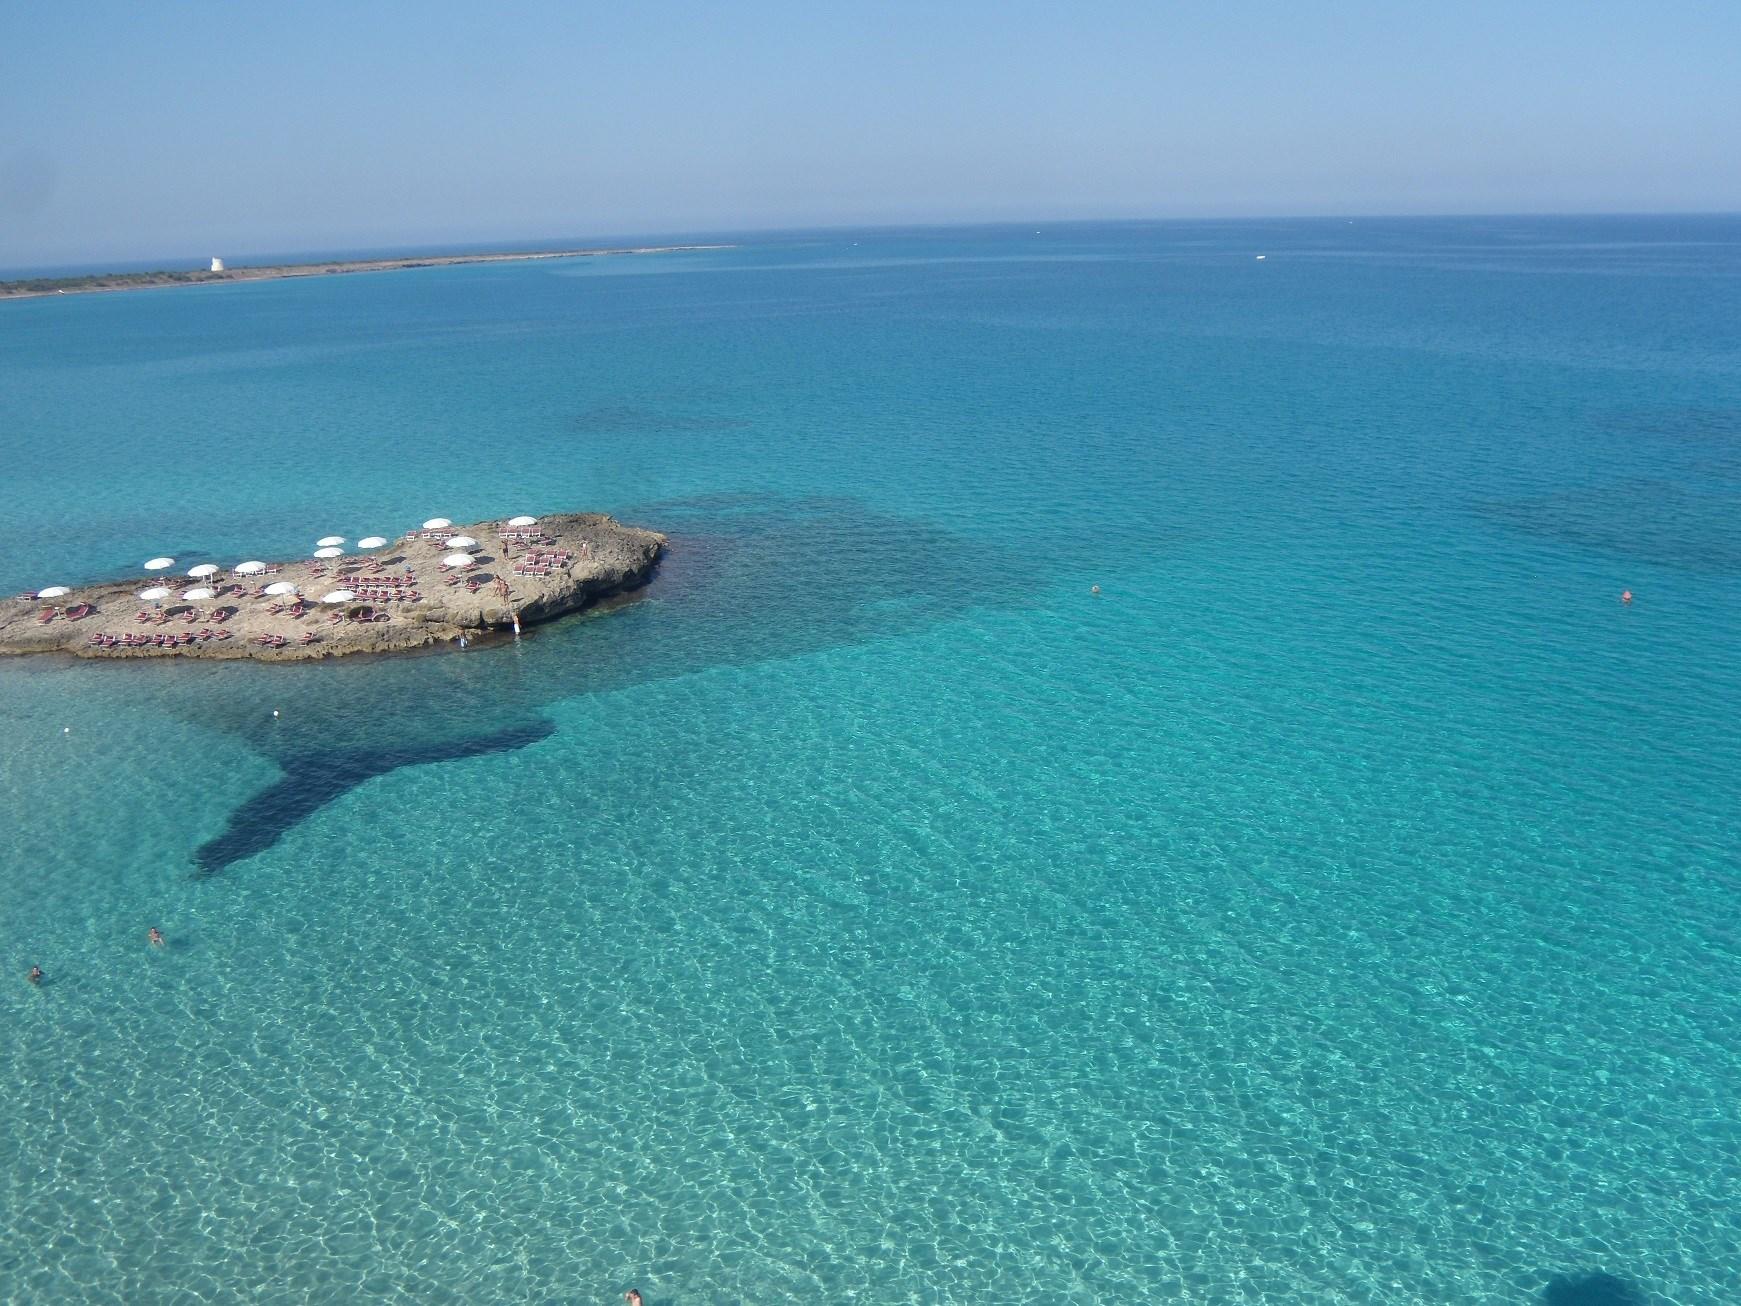 mare limpido della costa del mar Jonio del Salento vicino Torre Suda e Punta Pizzo